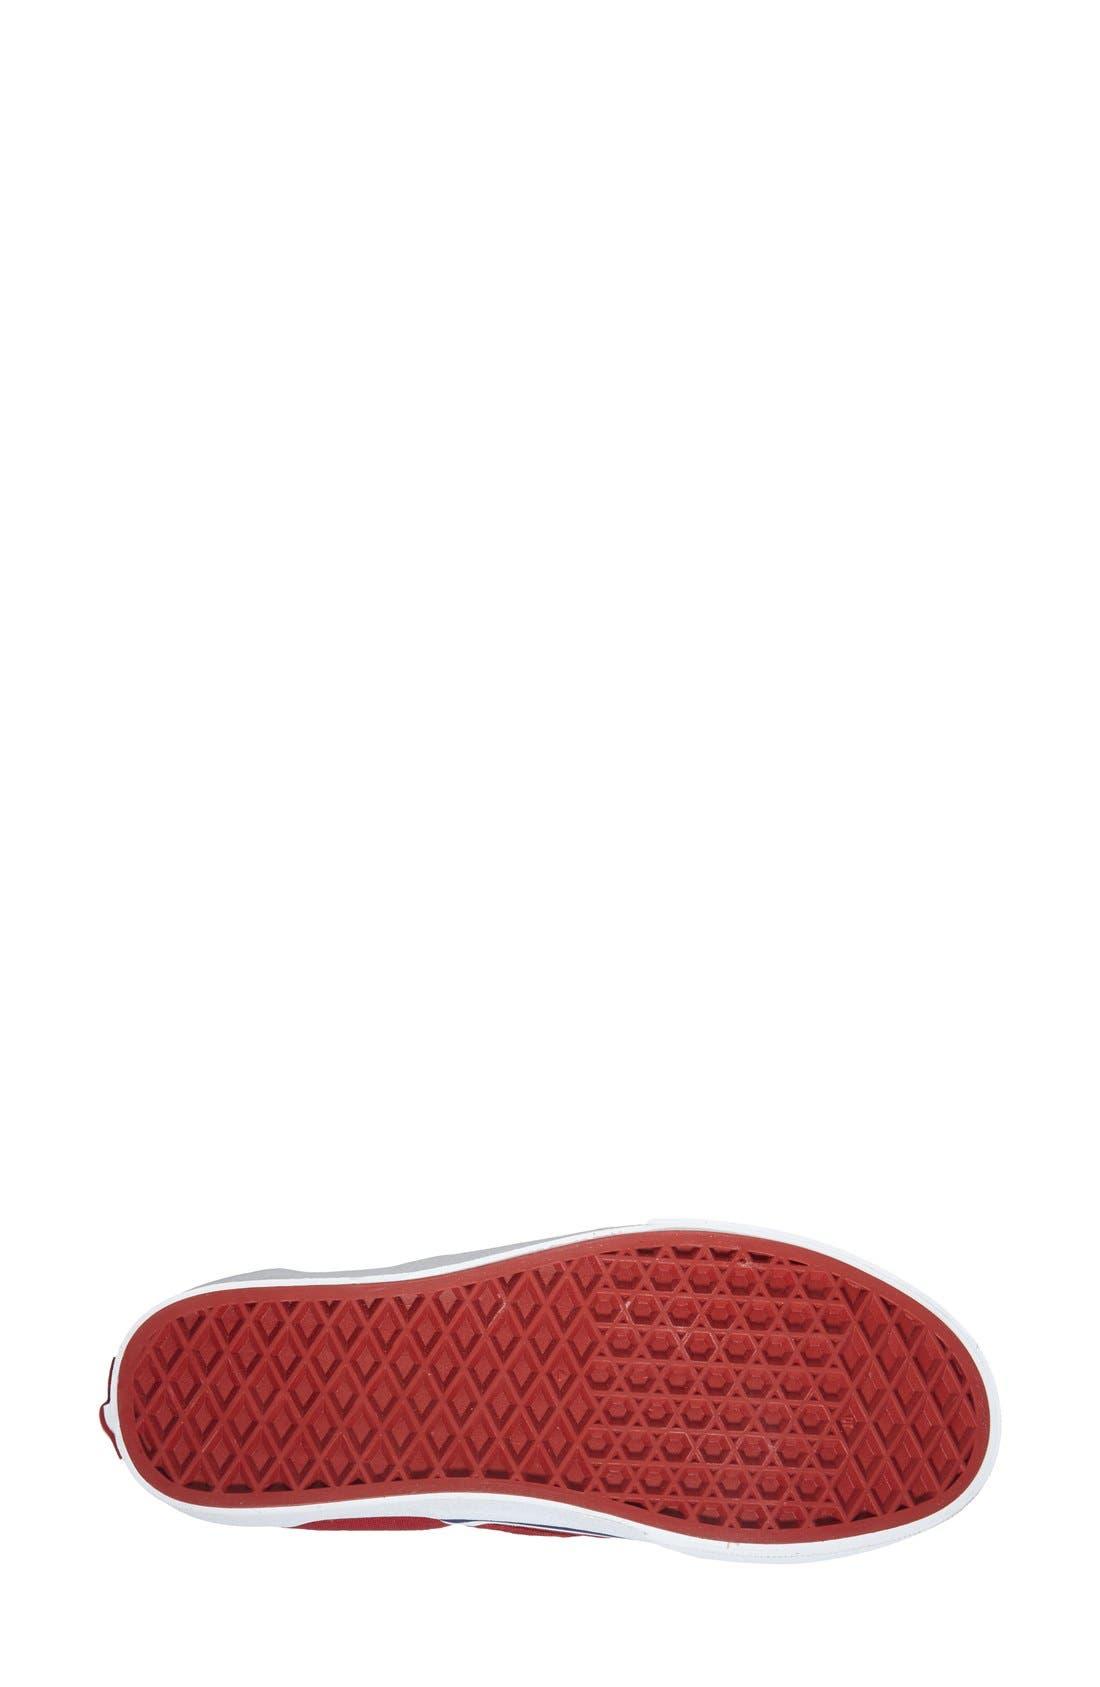 Alternate Image 4  - Vans 'Classic - Stars' Slip-On Sneaker (Women)